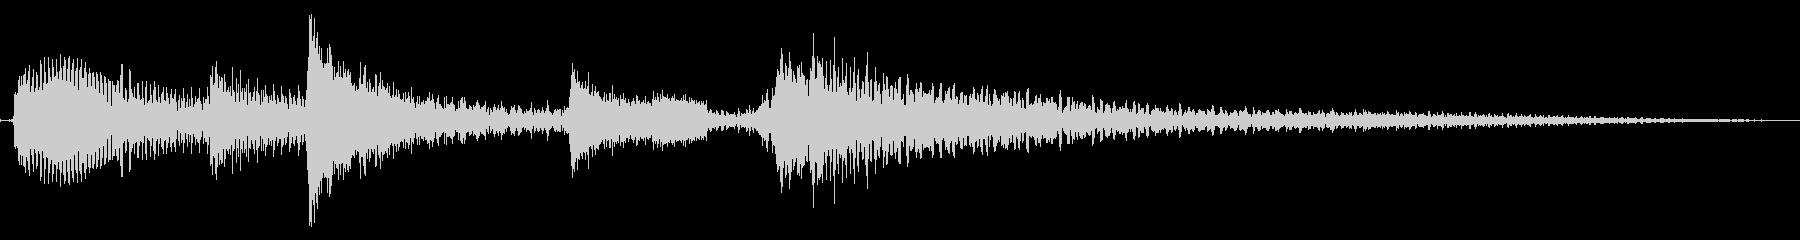 スタート音/荒野を立つ (アコギ生音)の未再生の波形